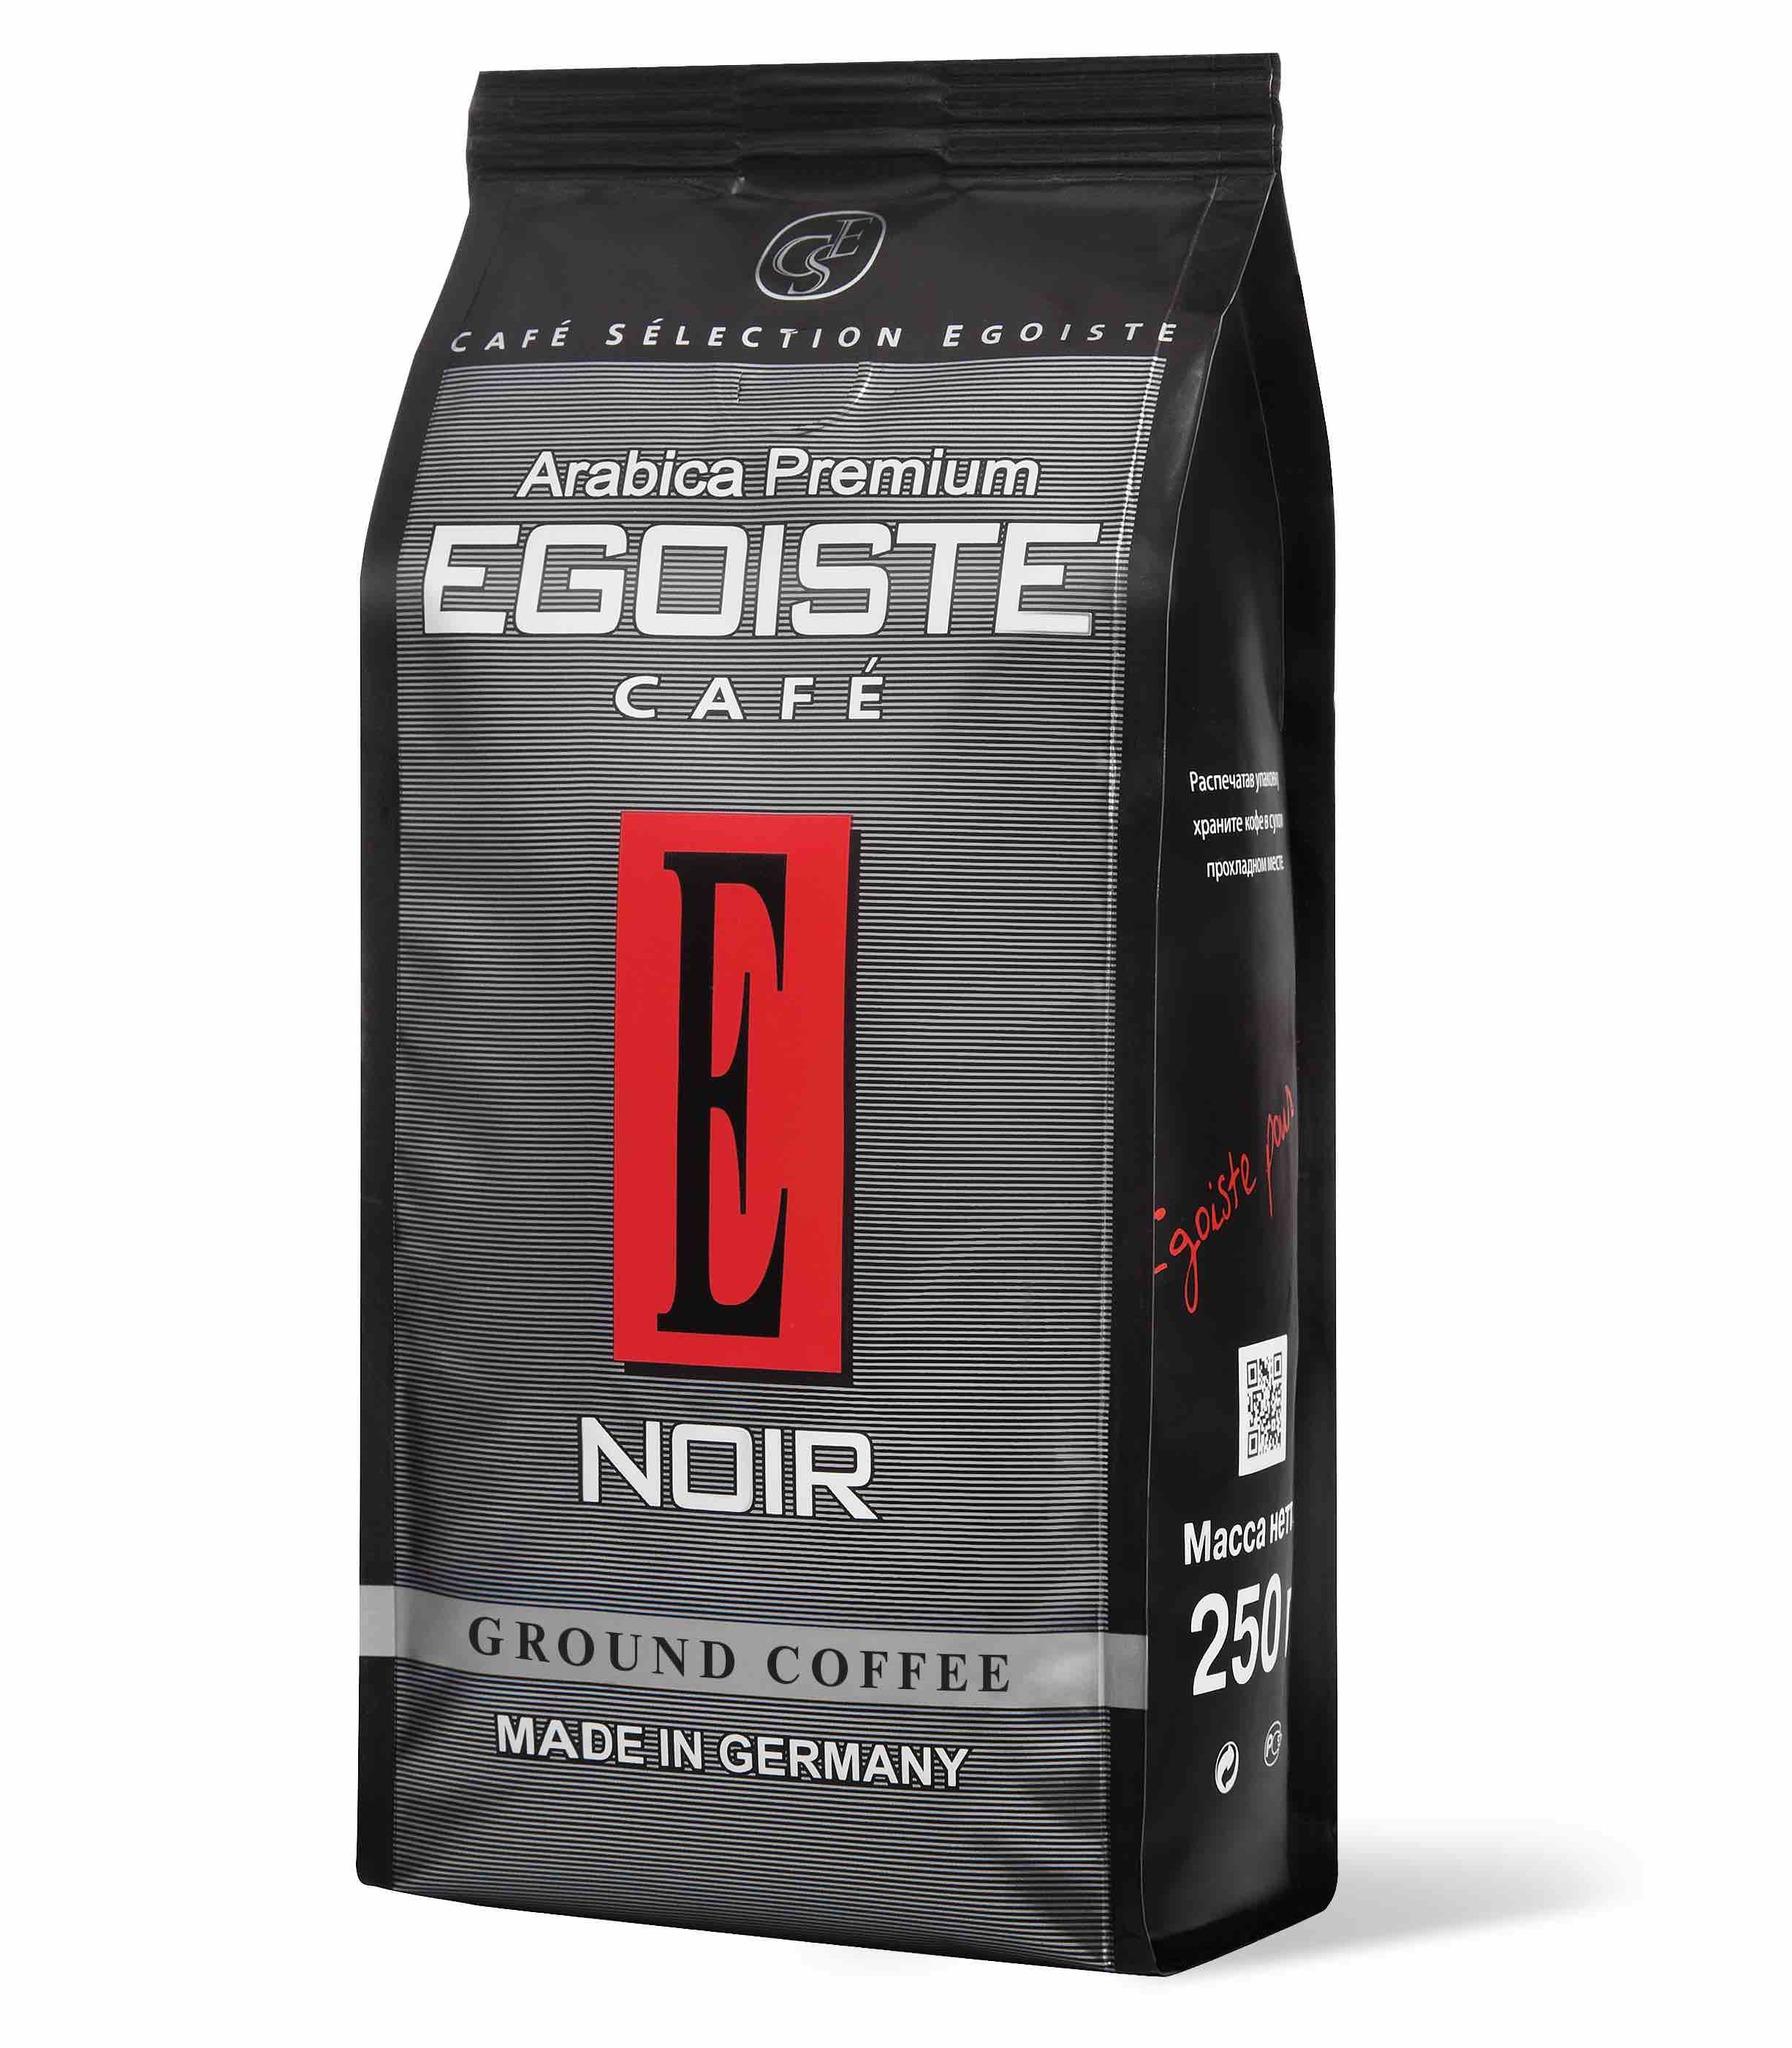 Кофе молотый Кофе молотый Noir, Egoiste, 250 г import_files_0a_0a6e3d55cb2511eaa9ce484d7ecee297_d75208d9cd7f11eaa9ce484d7ecee297.jpg